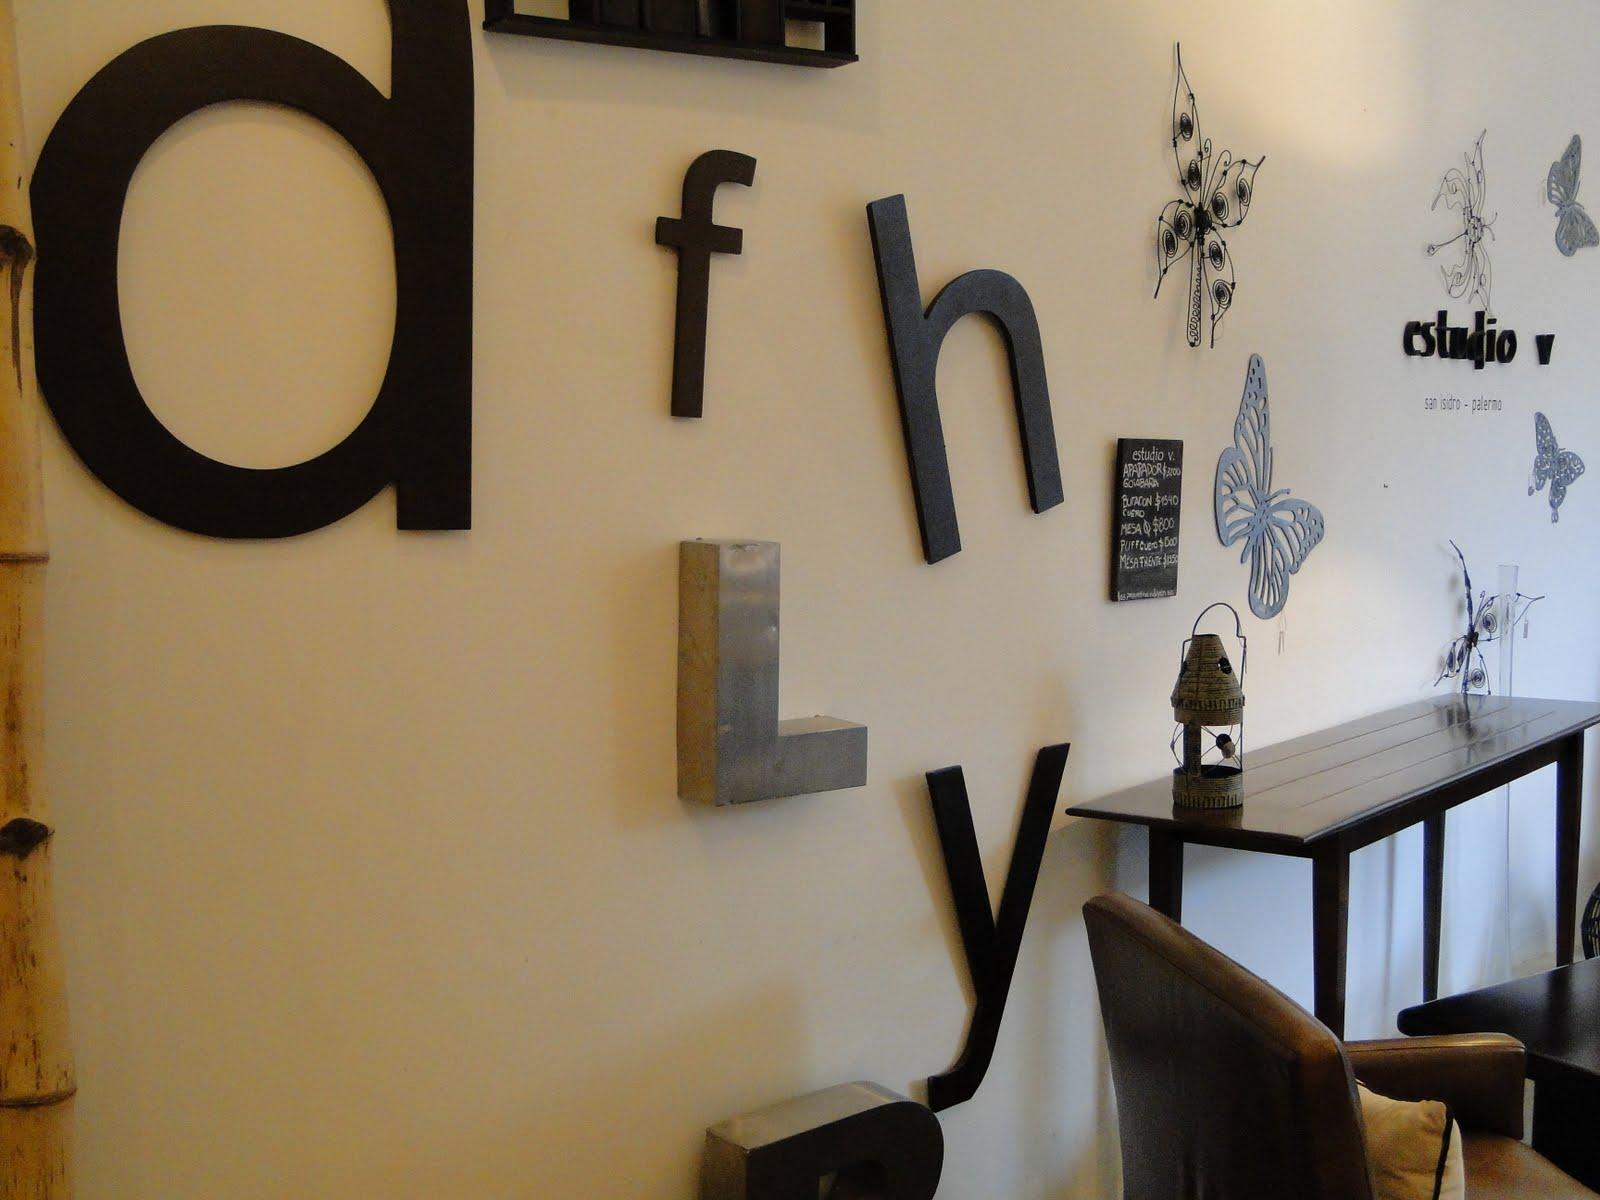 Estudio v sopa de letras - Decorar paredes con letras ...